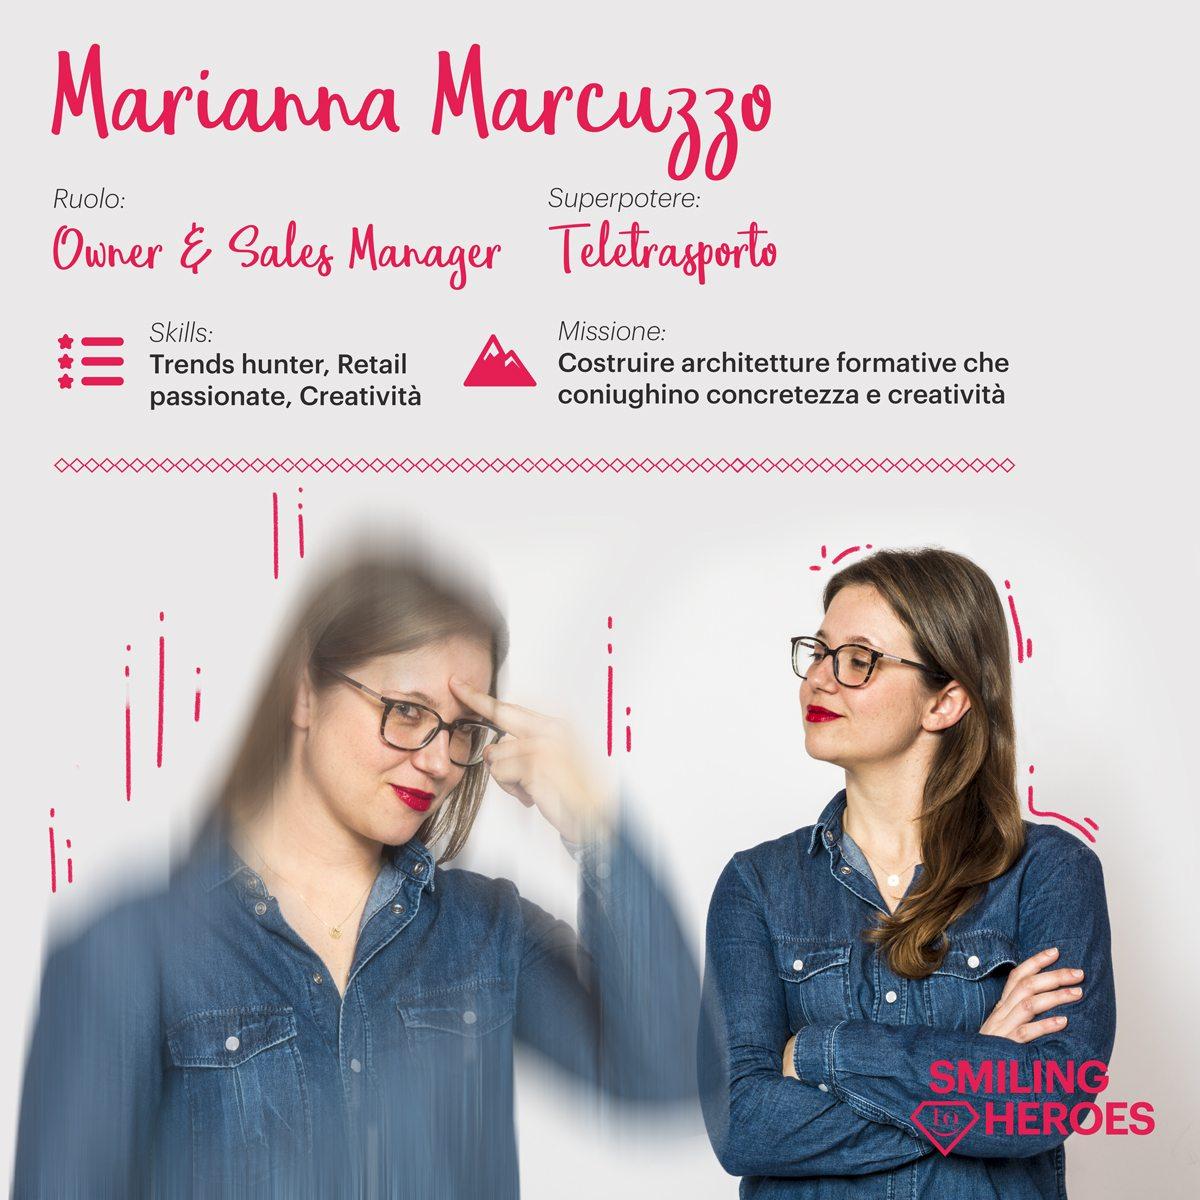 Marianna Marcuzzo